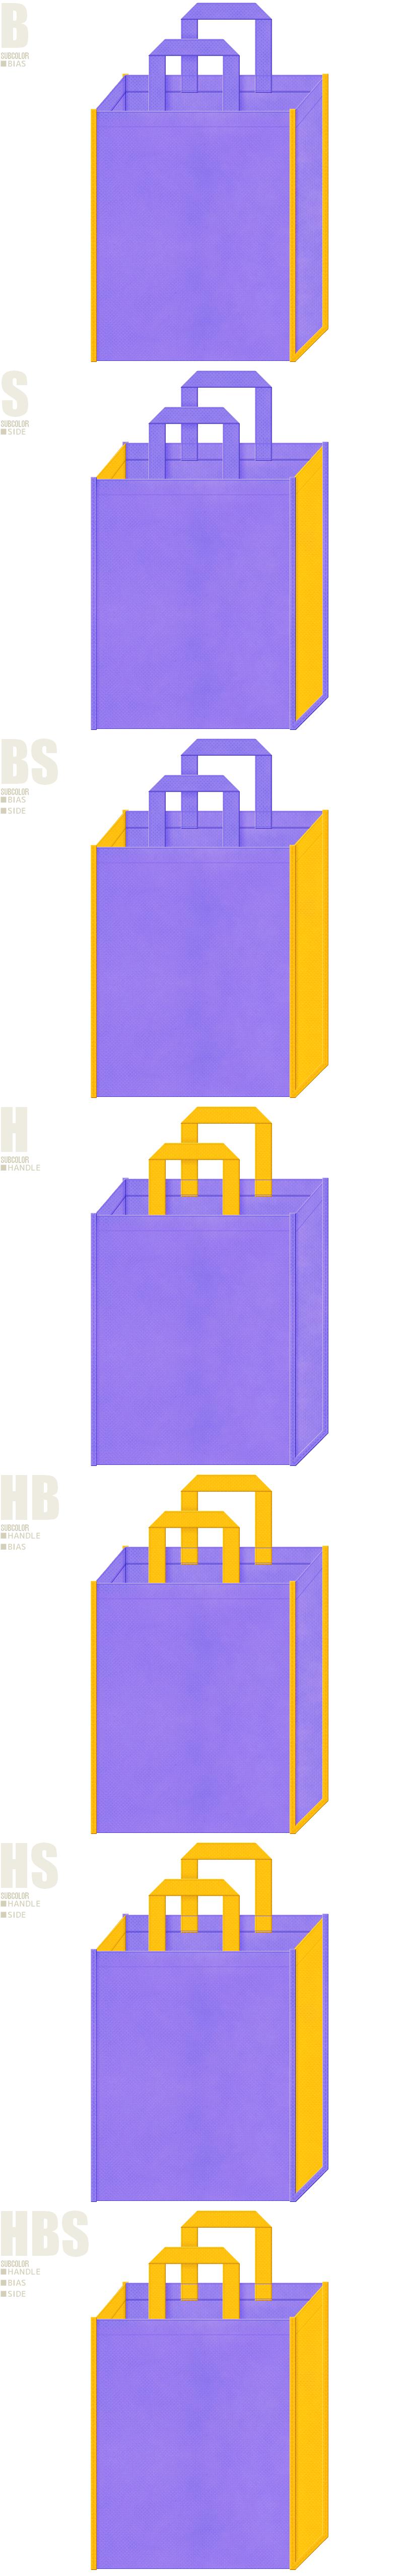 薄紫色と黄色の配色7パターン:不織布トートバッグのデザイン。おもちゃ・テーマパークにお奨めの配色です。